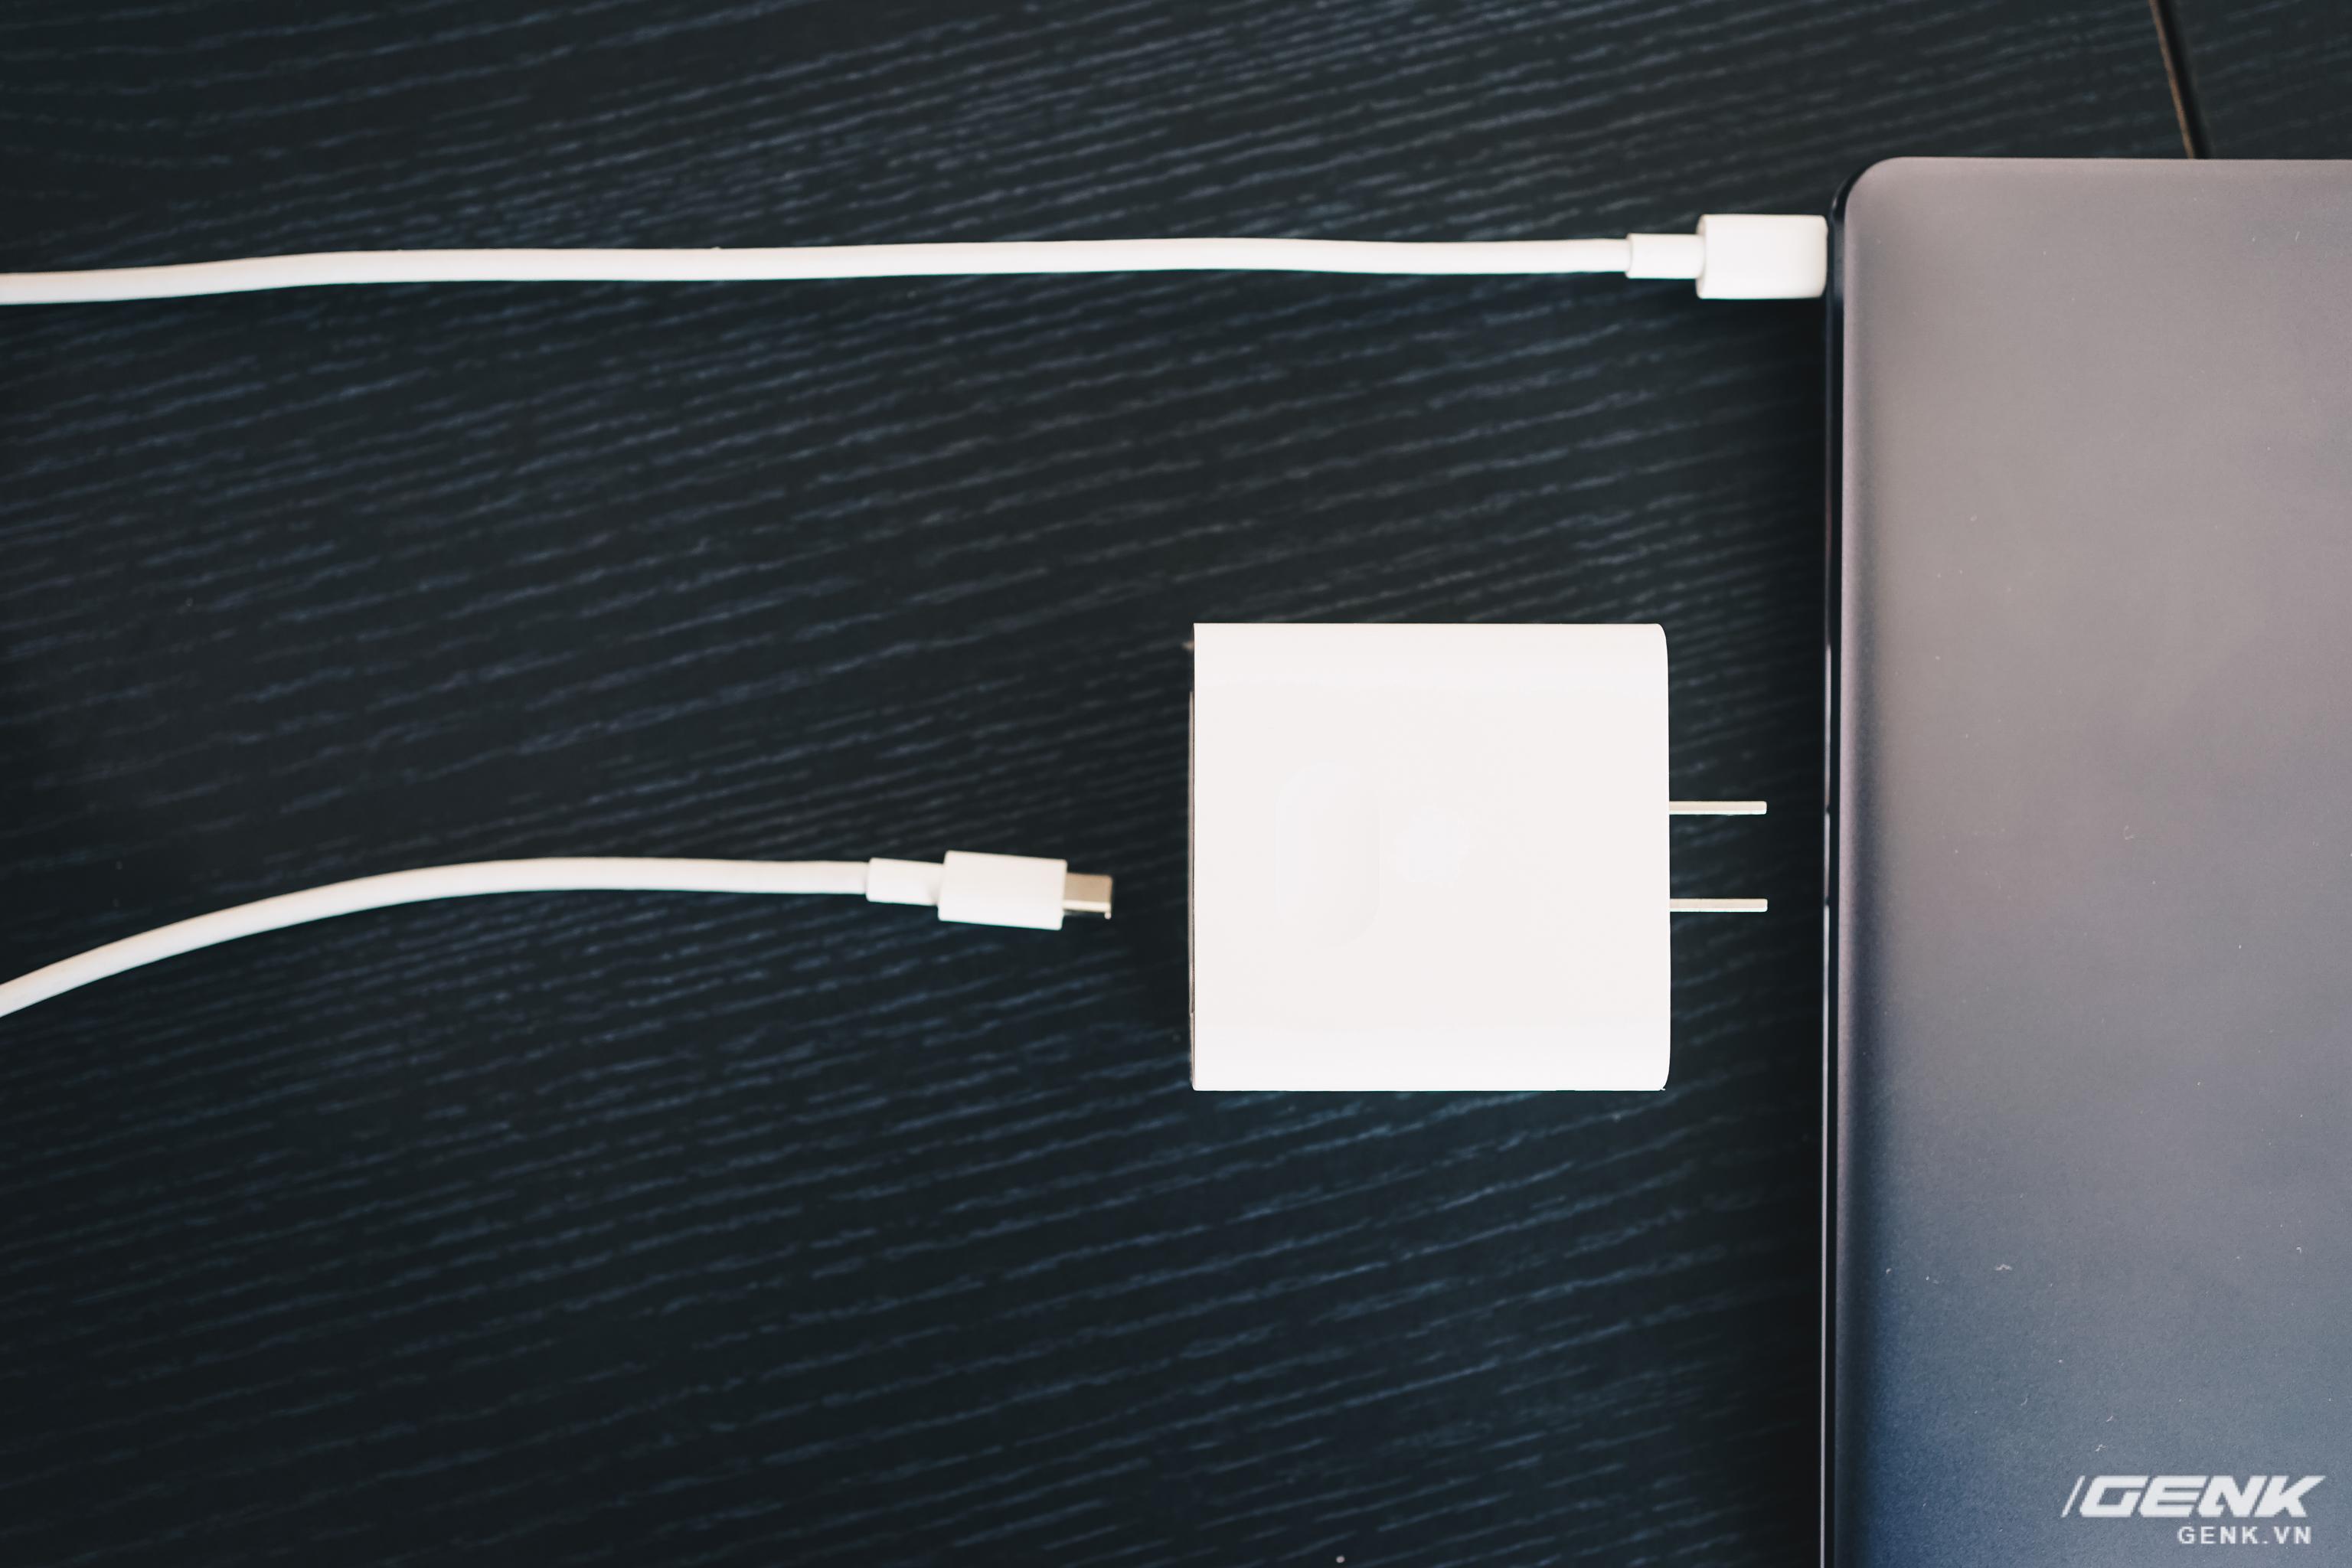 Đánh giá Huawei MateBook 13: Ultrabook tốt nếu người dùng chấp nhận vượt qua rào cản thương hiệu (và thời lượng pin tệ hại) - Ảnh 13.